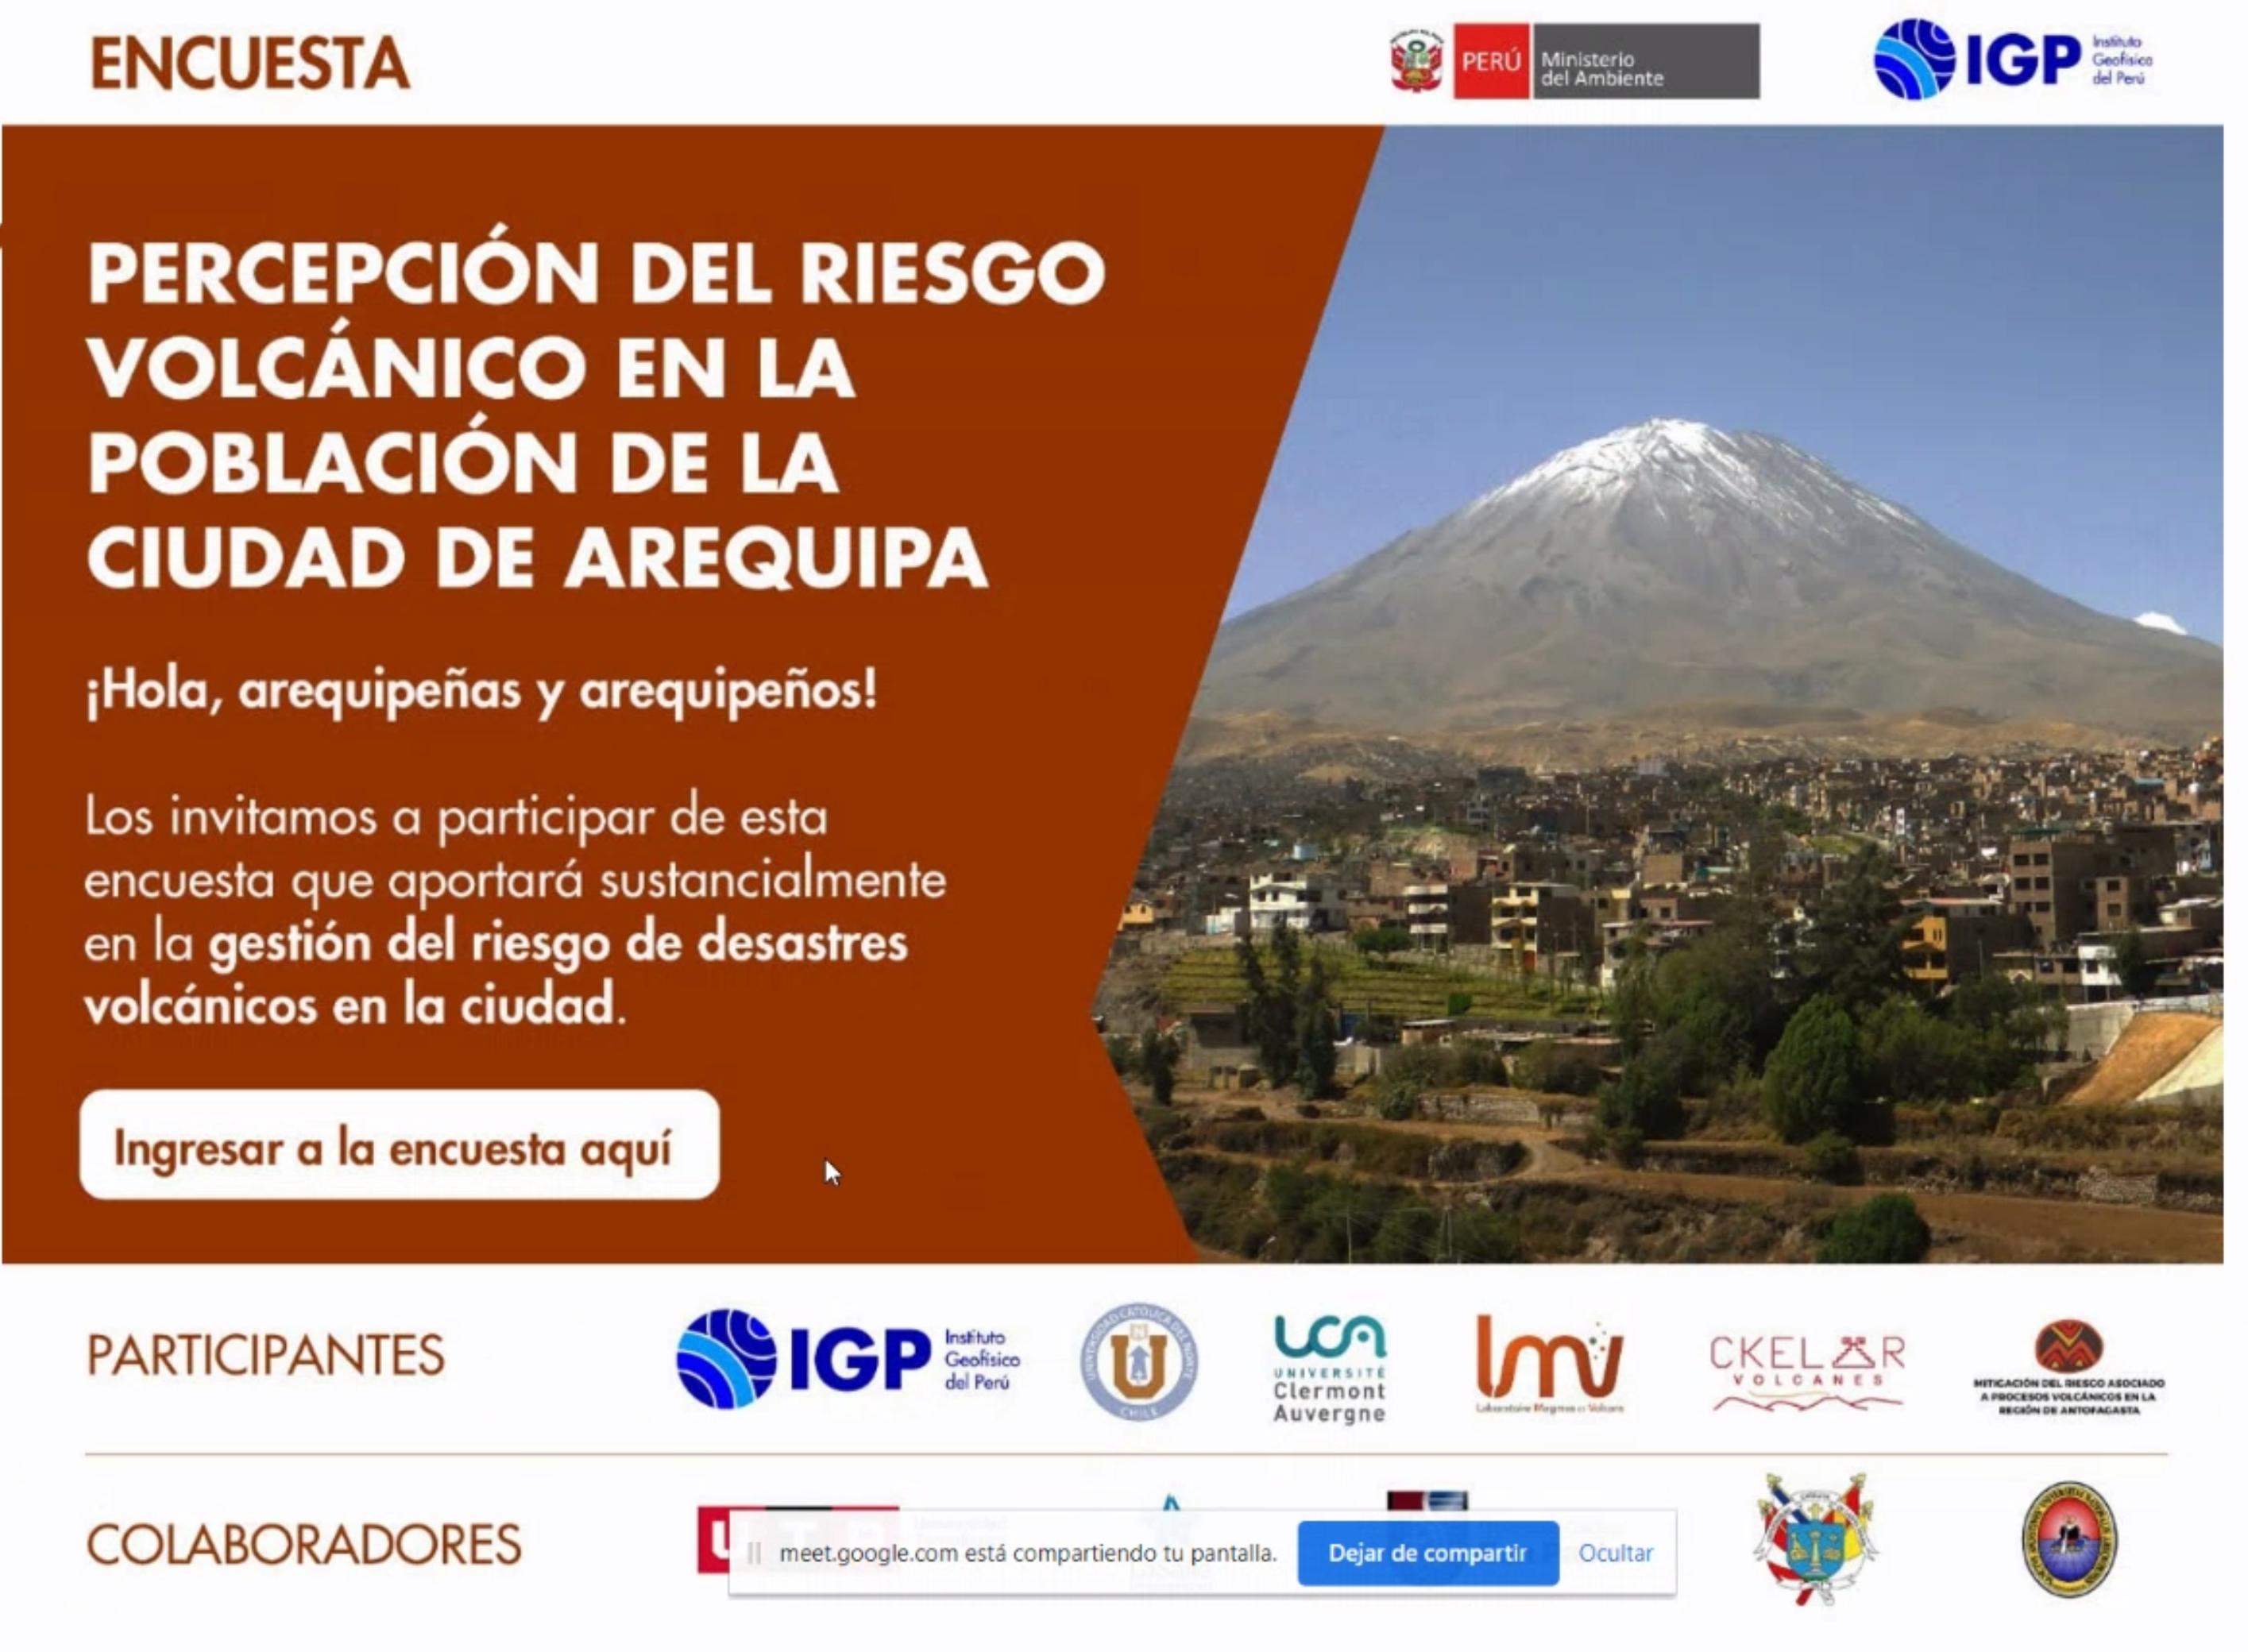 Ckelar Volcanes colabora en elaboracion de encuestas de percepción de riesgo volcánico para las comunidades altiplánicas